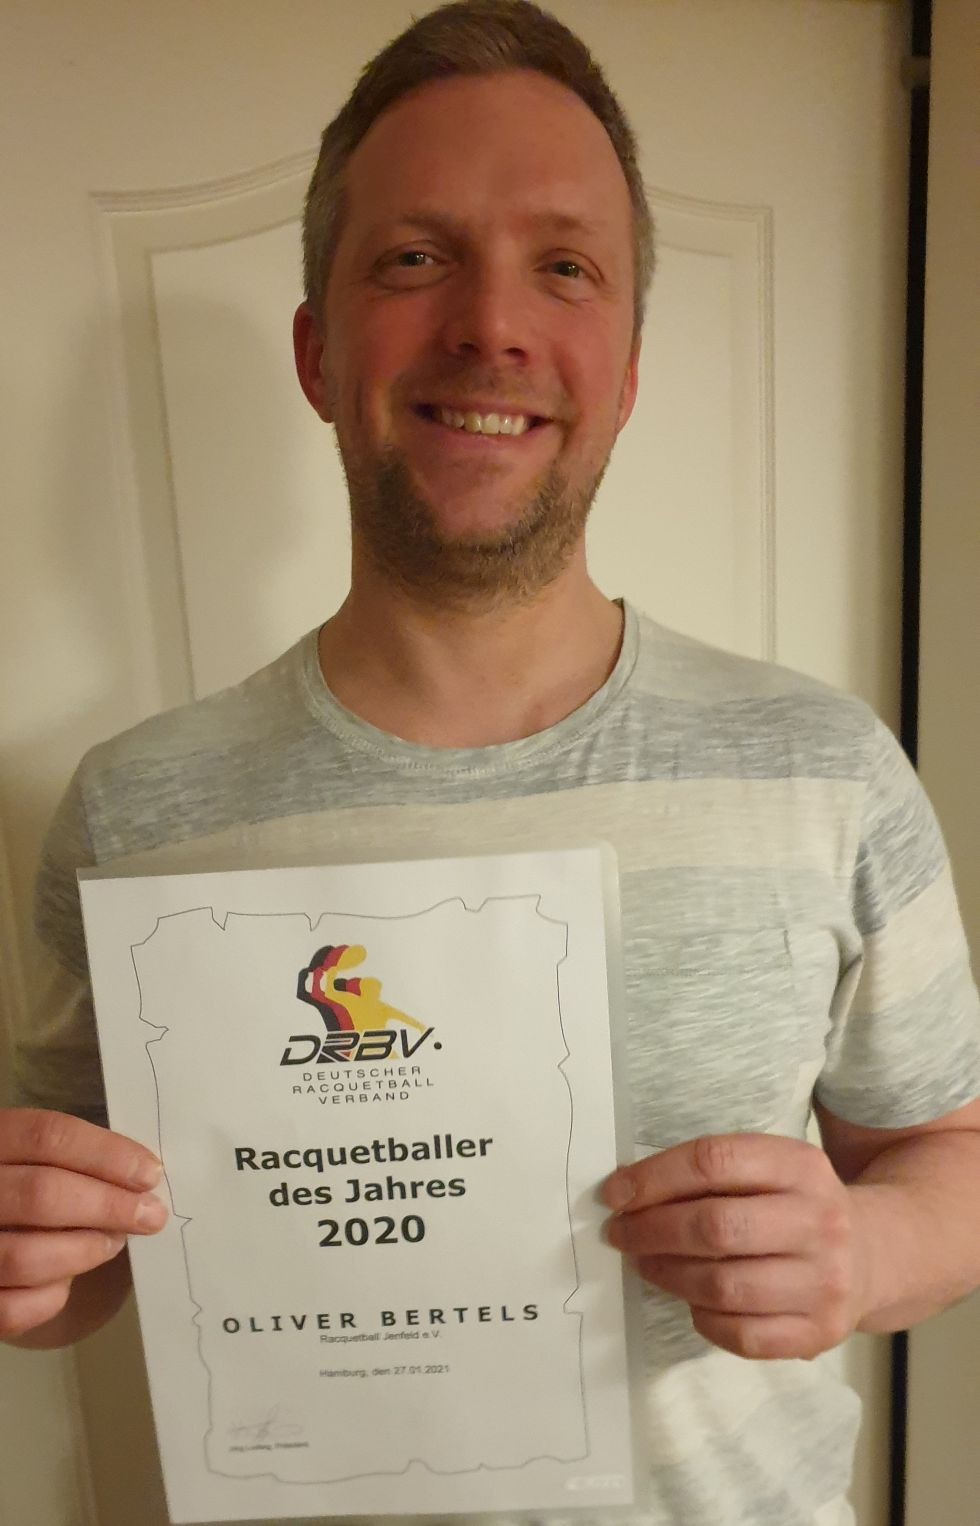 Oliver Bertels ist Racquetballer des Jahres 2020